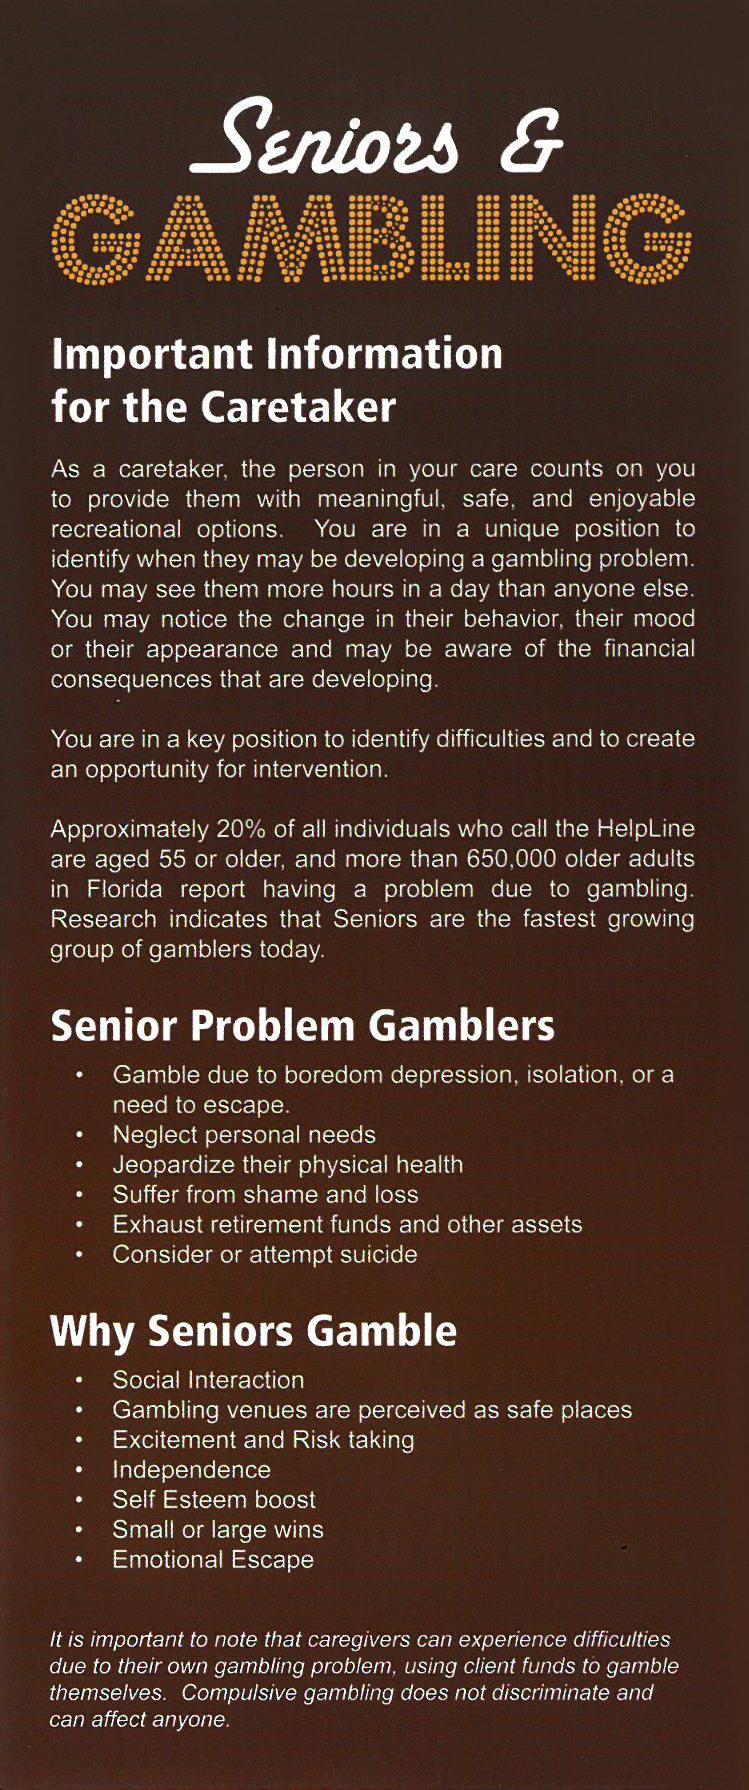 [IMAGE] Seniors & Gambling Placard